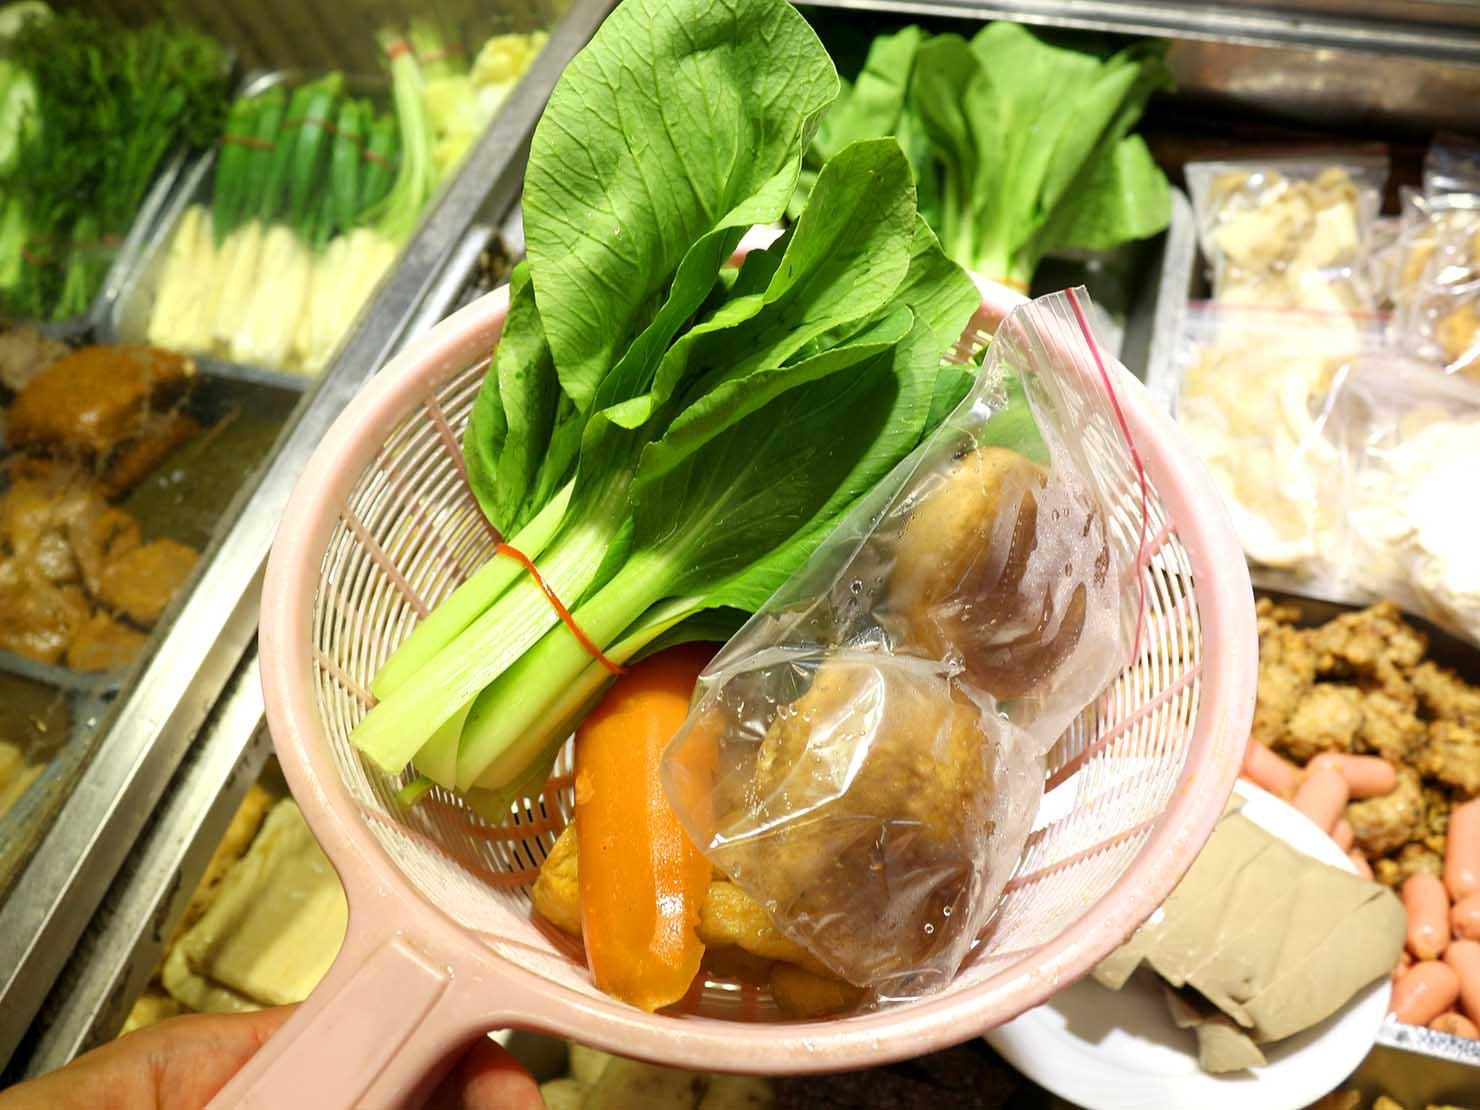 台北・永安市場のおすすめグルメ店「麻辣桑麻辣燙」で食材選び